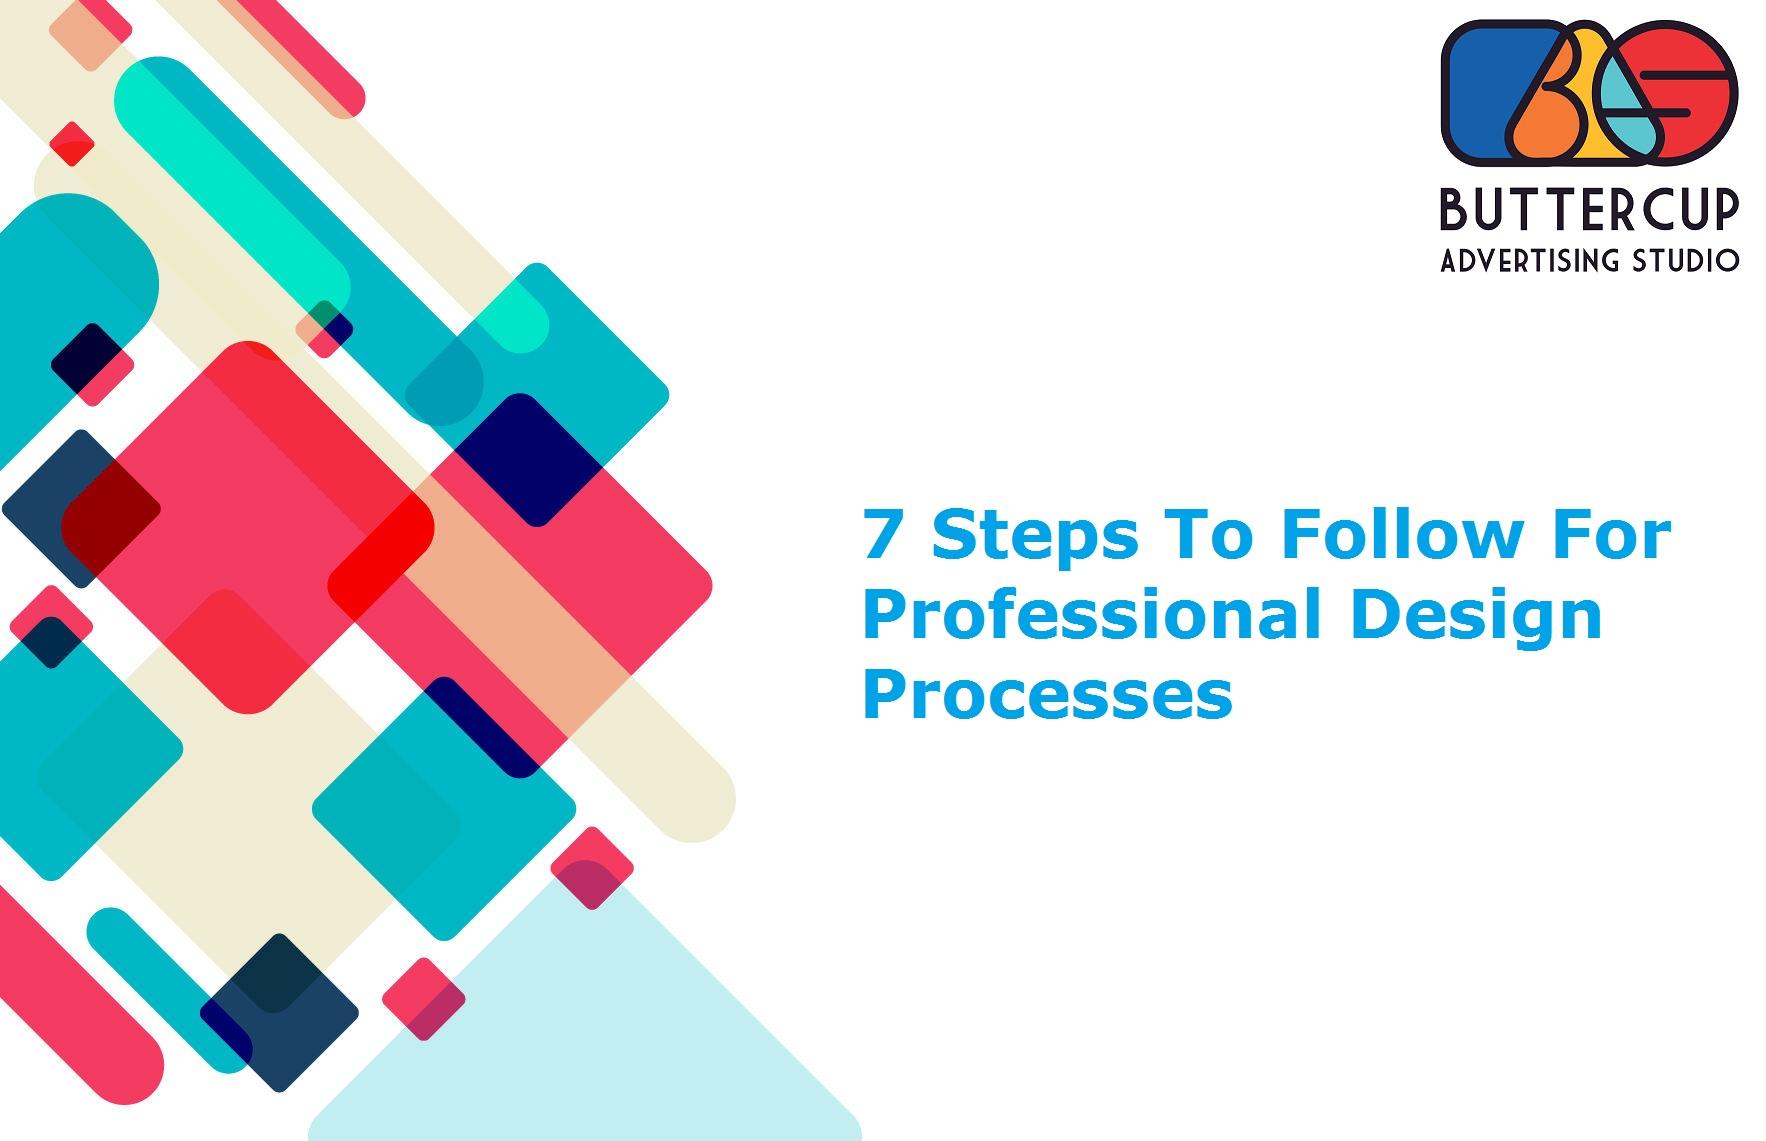 Professional Design Processes